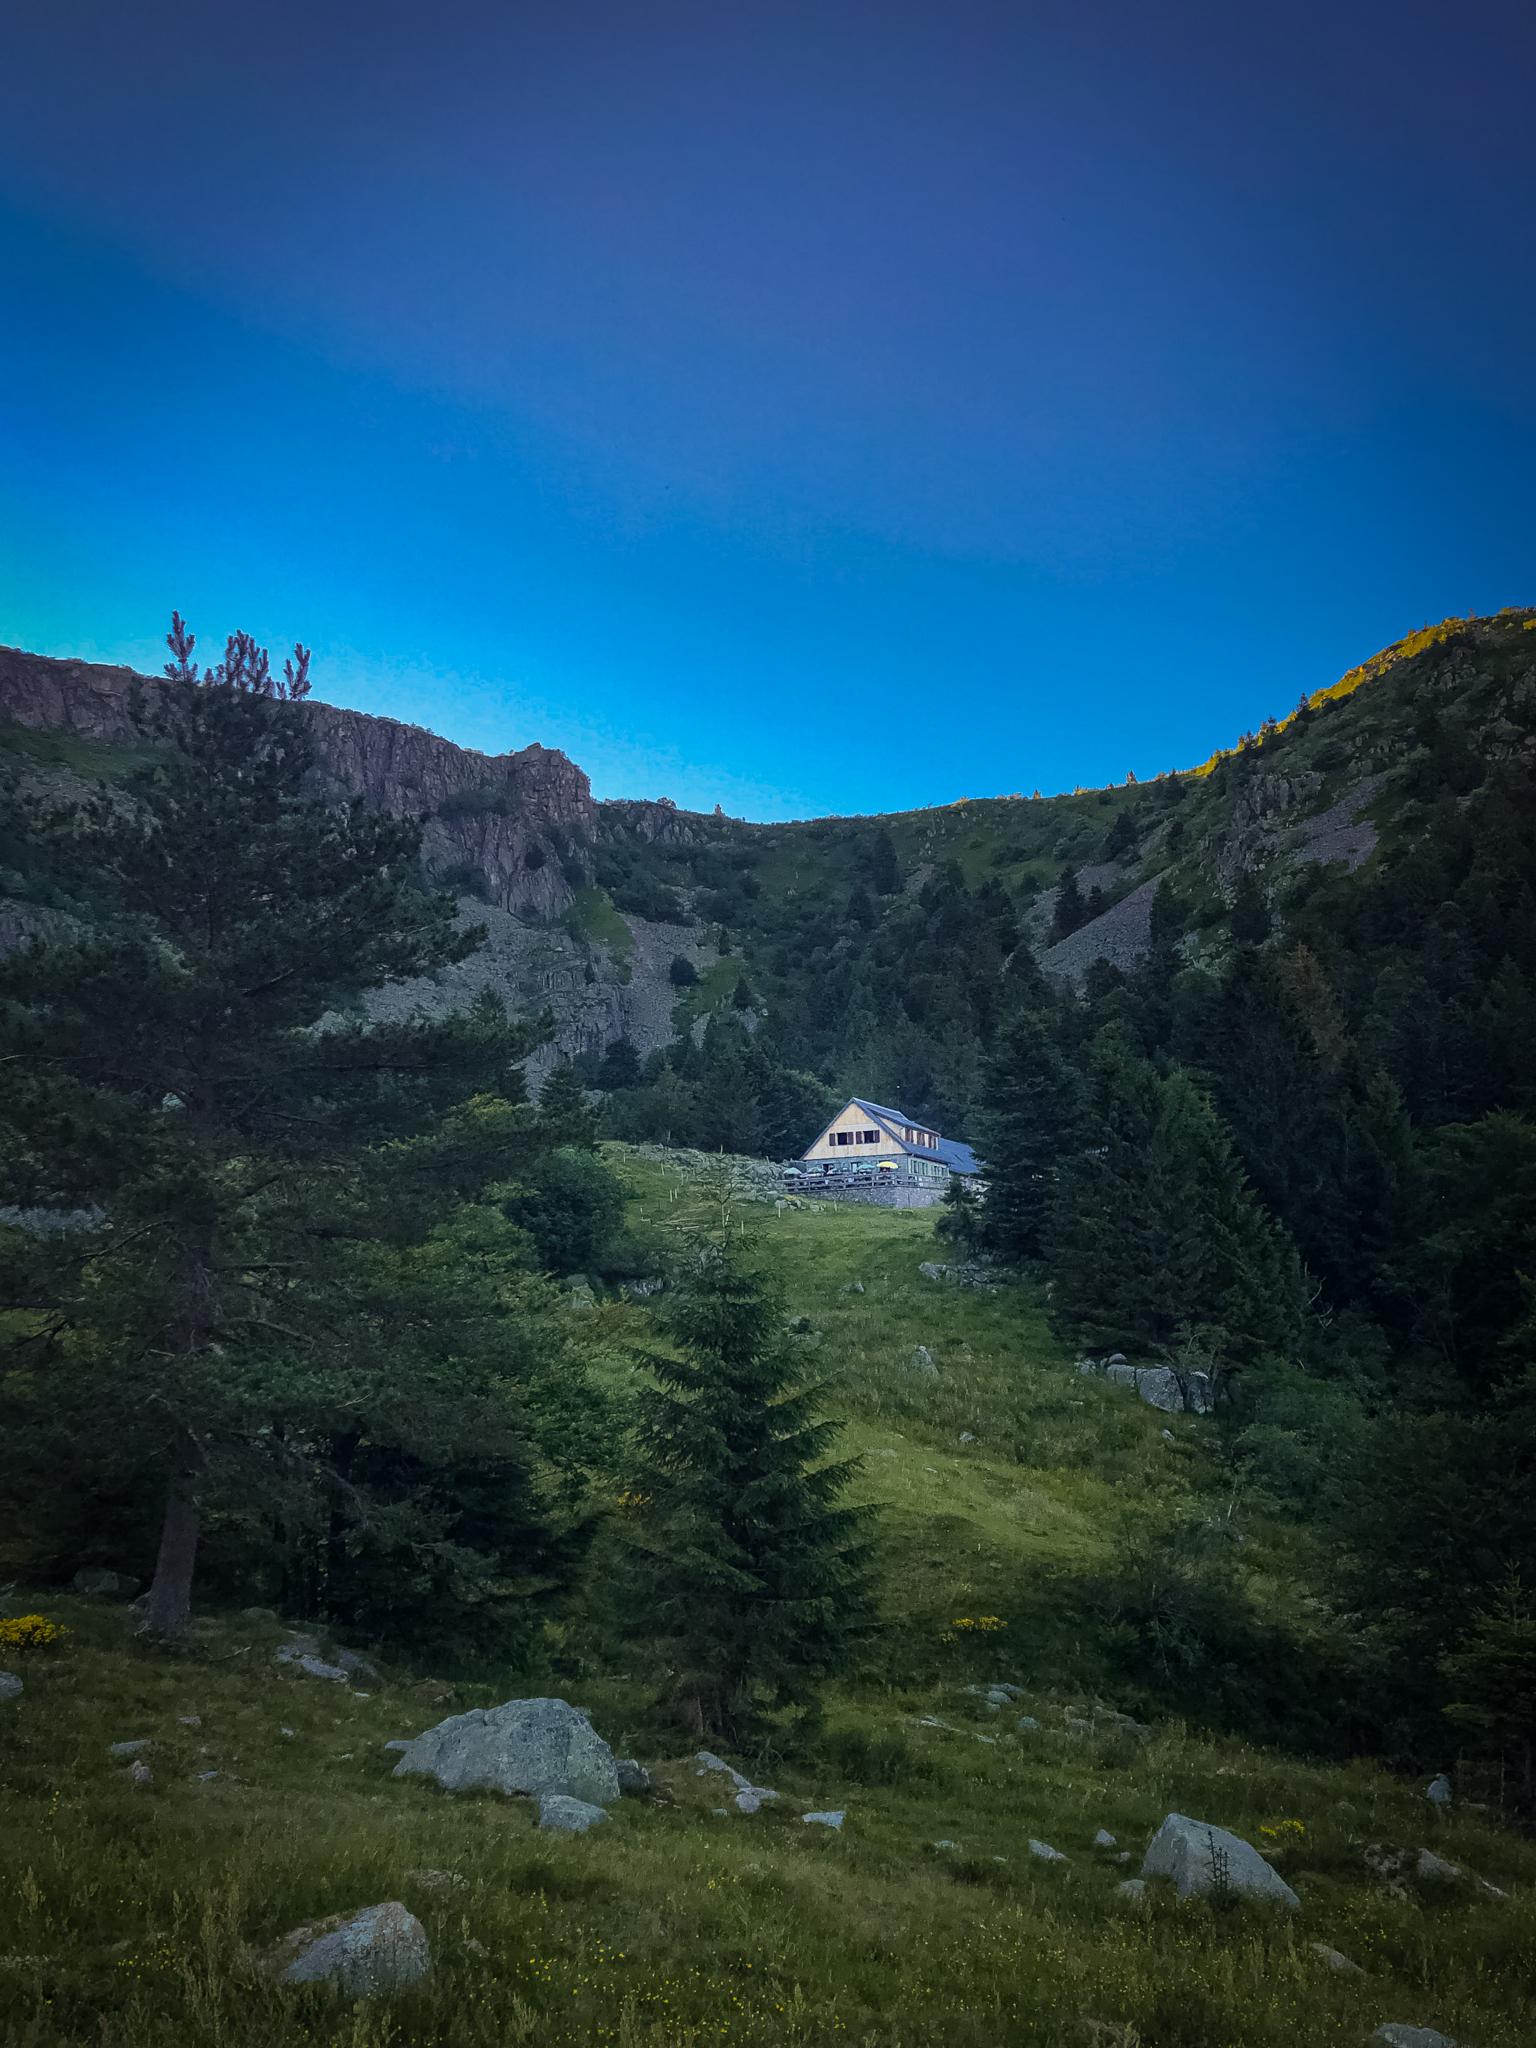 Le ferme-auberge du Forlet dans le Massif des Vosges